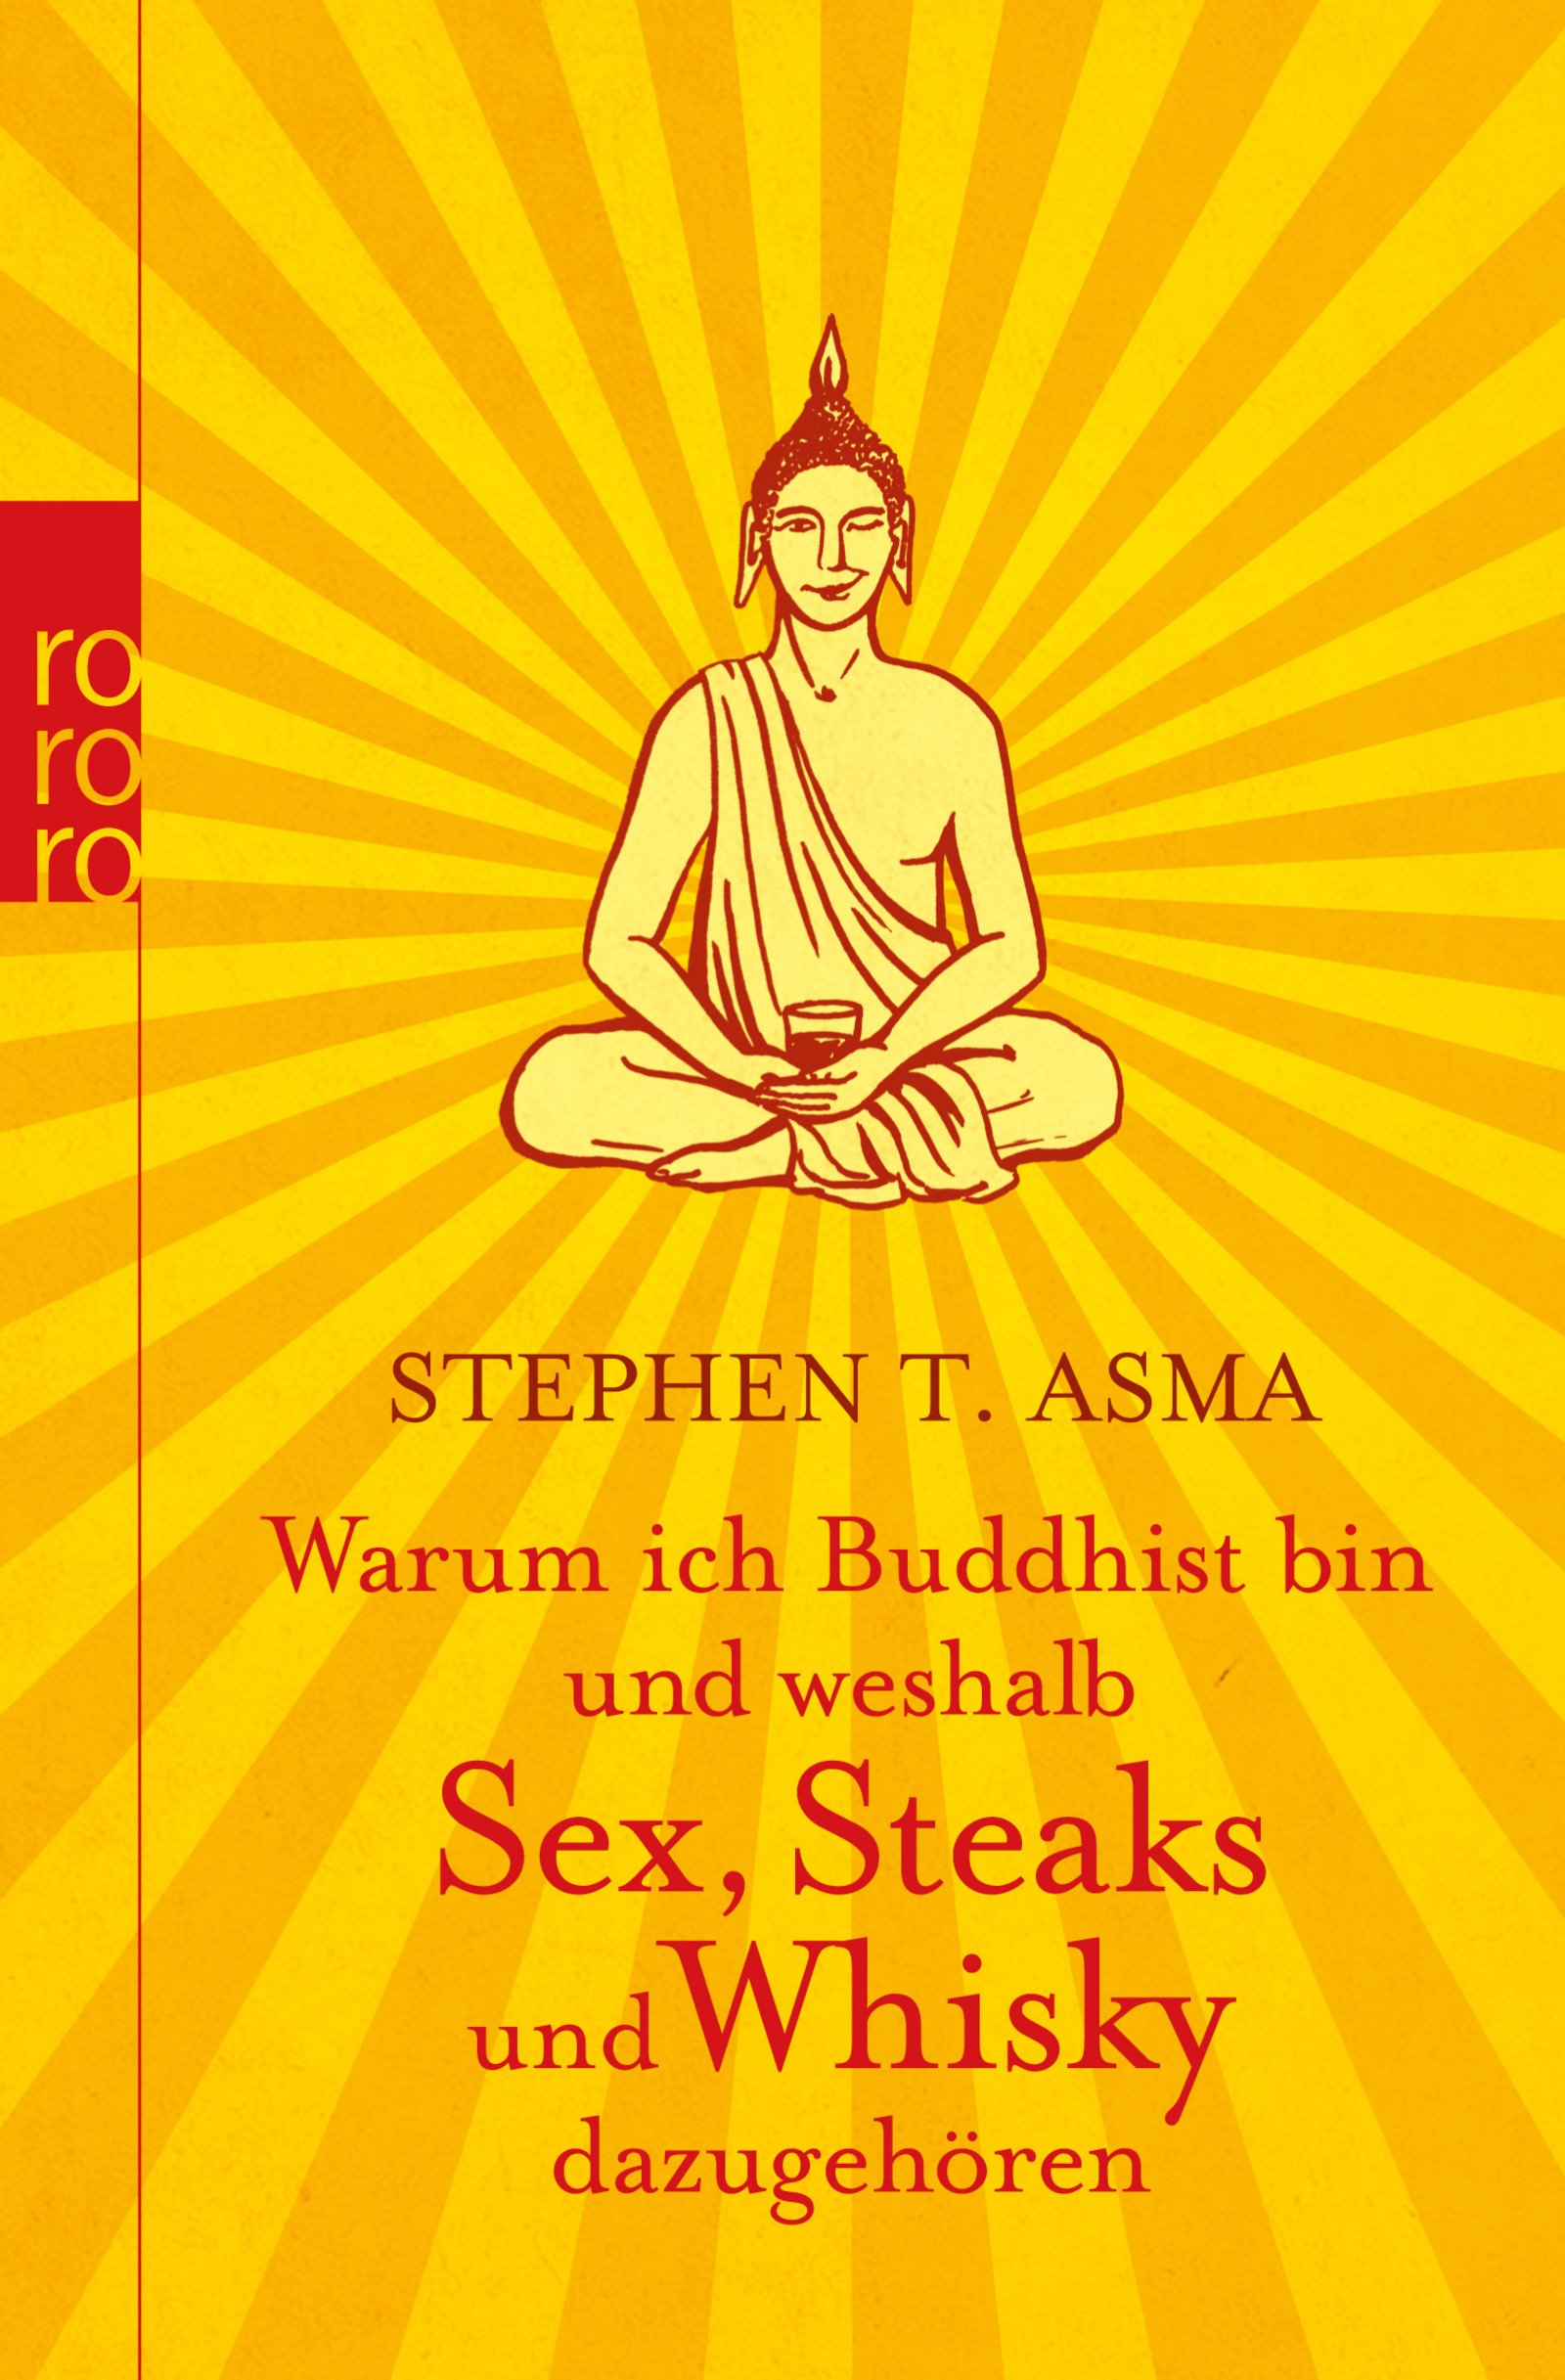 Warum ich Buddhist bin und weshalb Sex, Steaks und Whisky dazugehören